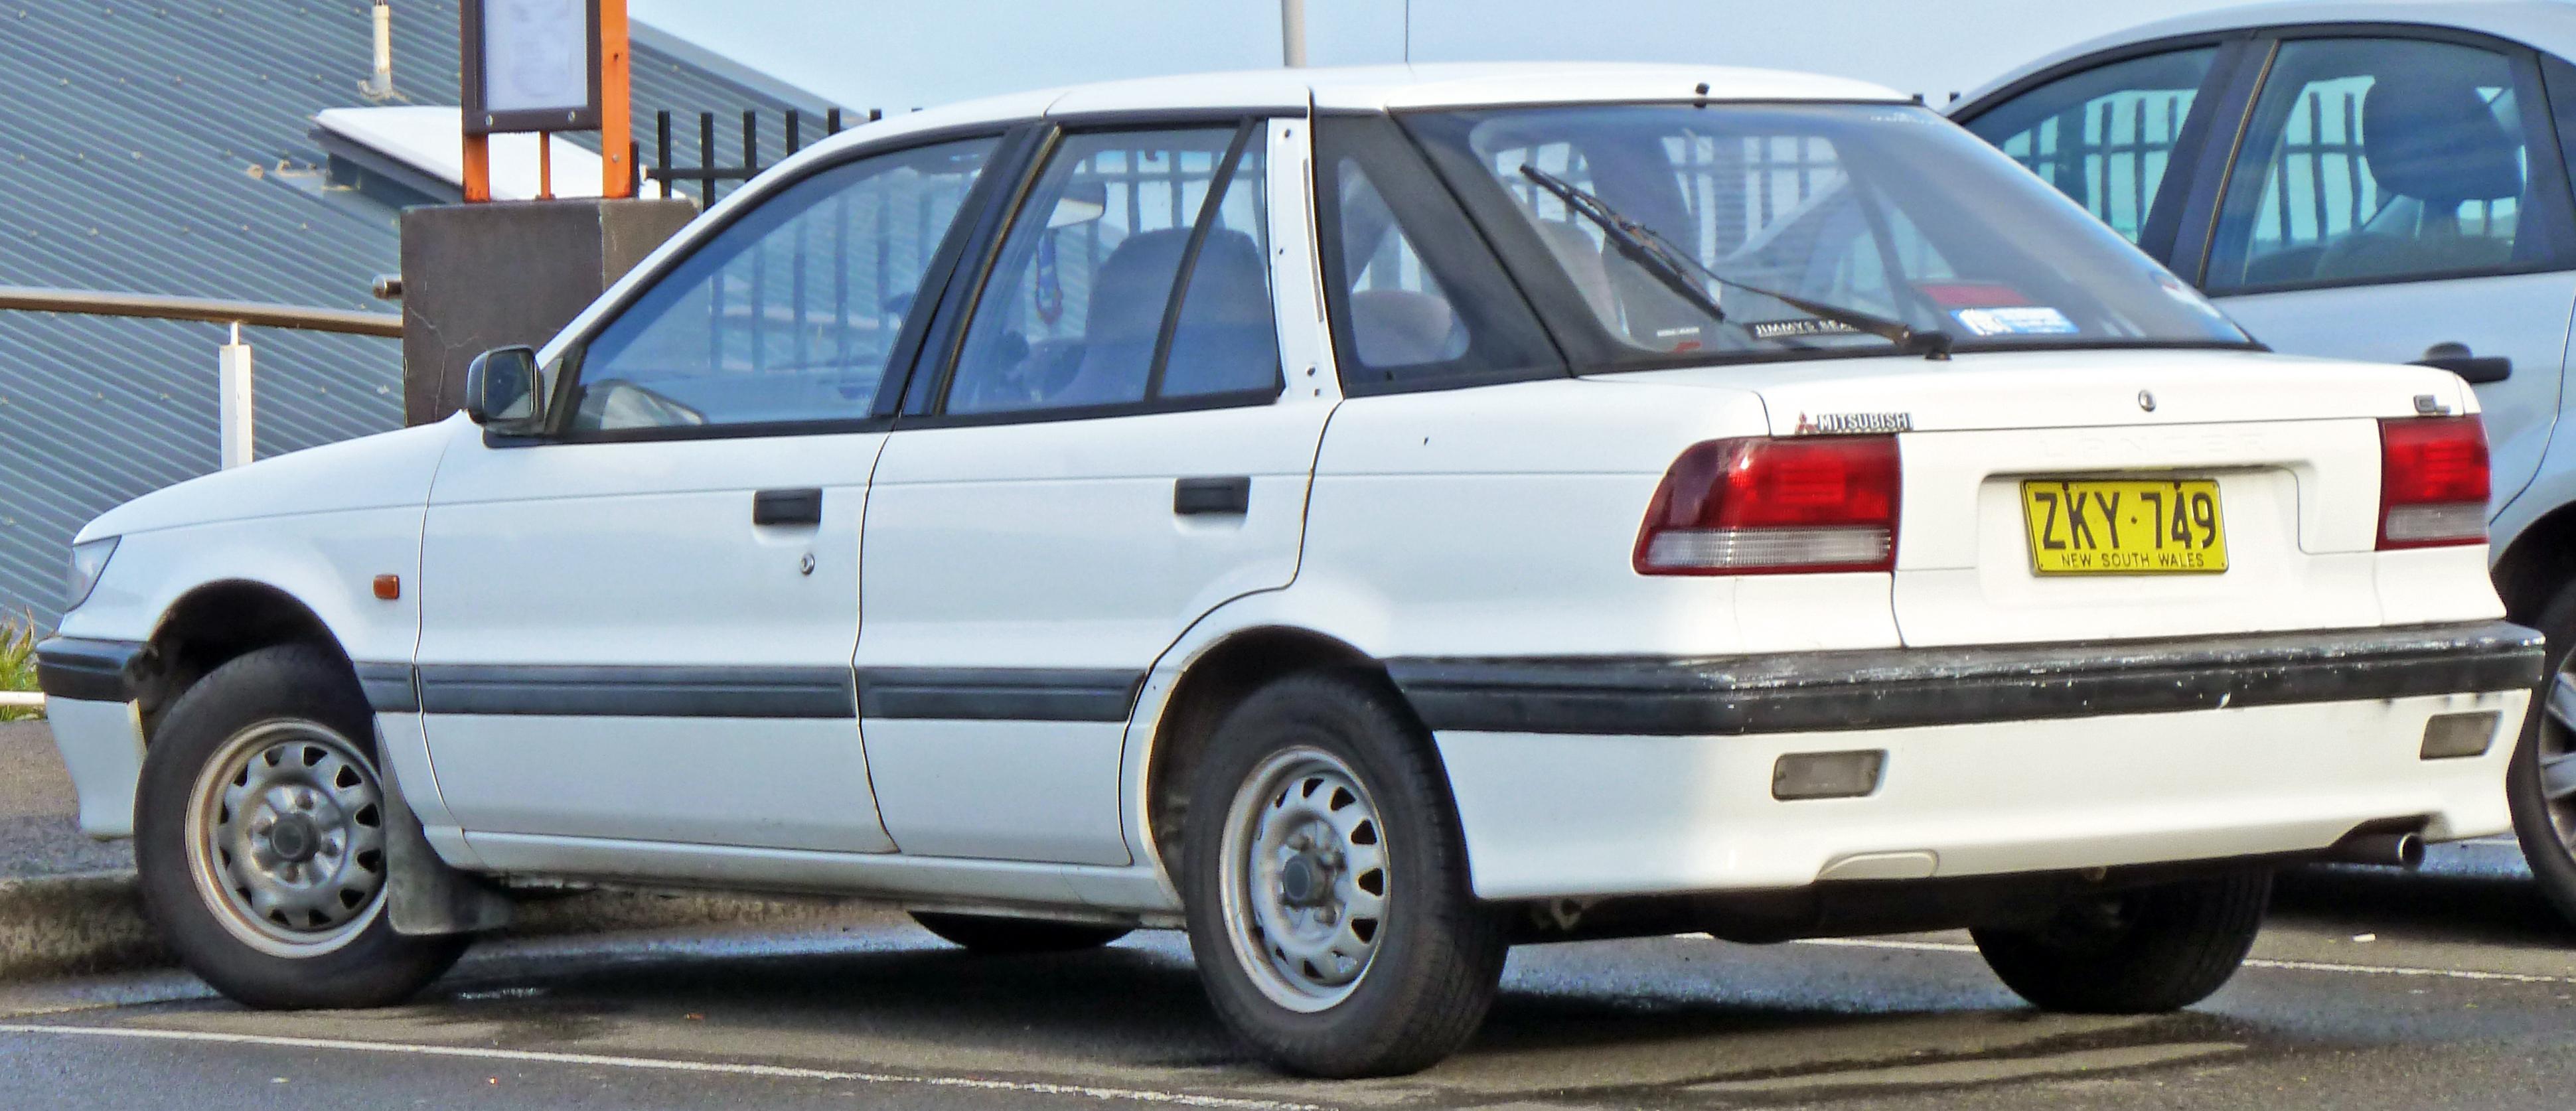 file:1992-1996 mitsubishi lancer (cc) gl 5-door hatchback 04